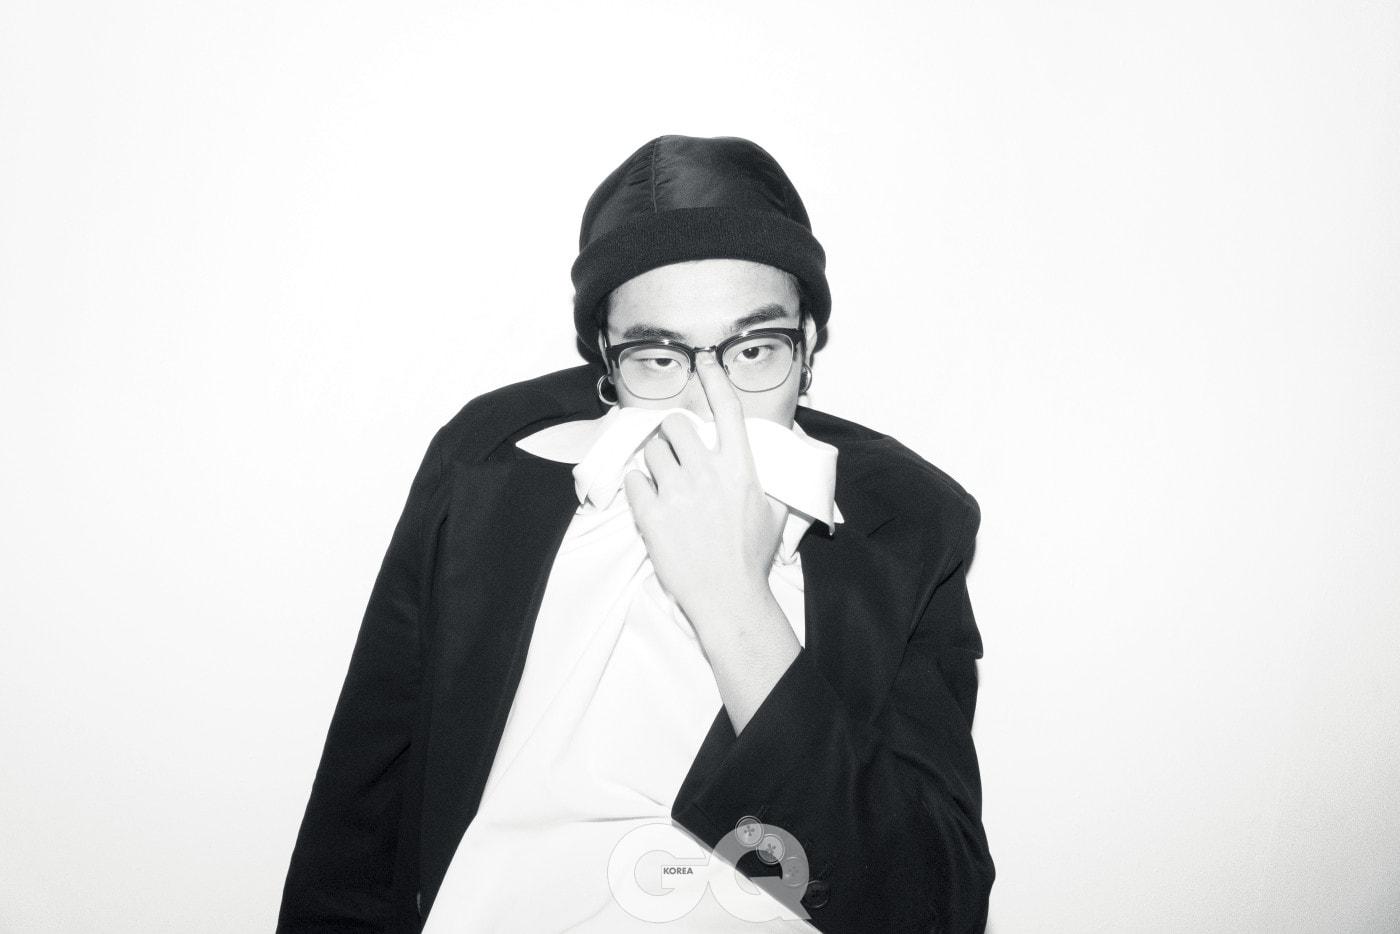 재킷과 오픈 칼라 셔츠 가격 미정, 모두 우영미. 파일럿 비니 가격 미정, 캉골. 안경 59만원, 디올 옴므 by 시원 아이웨어.